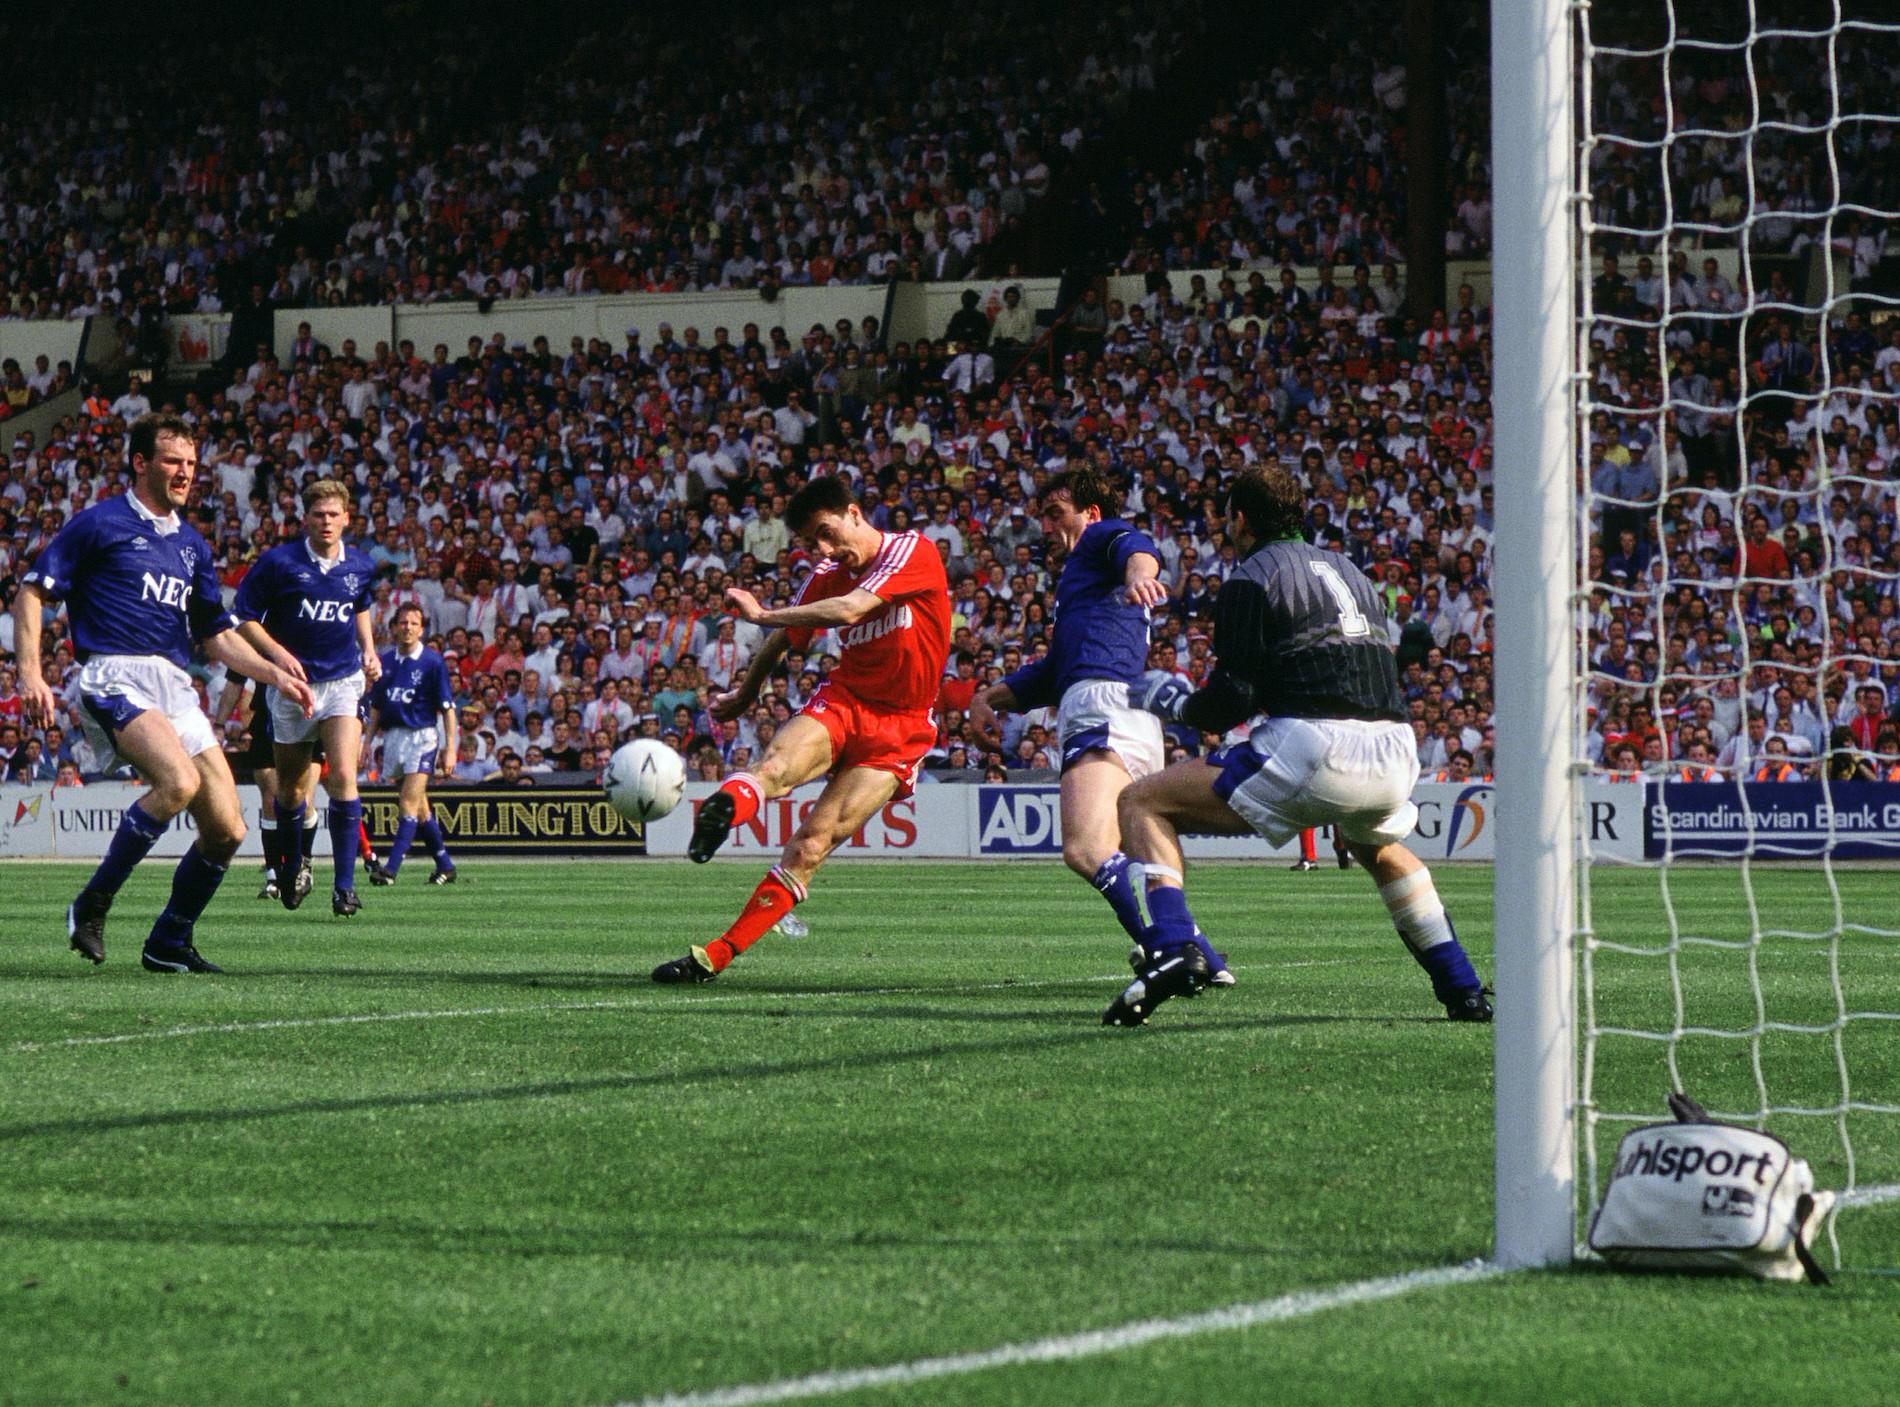 Матч, изменивший современную историю английского футбола – сумасшедшая развязка высшего дивизиона Англии сезона 1988/89